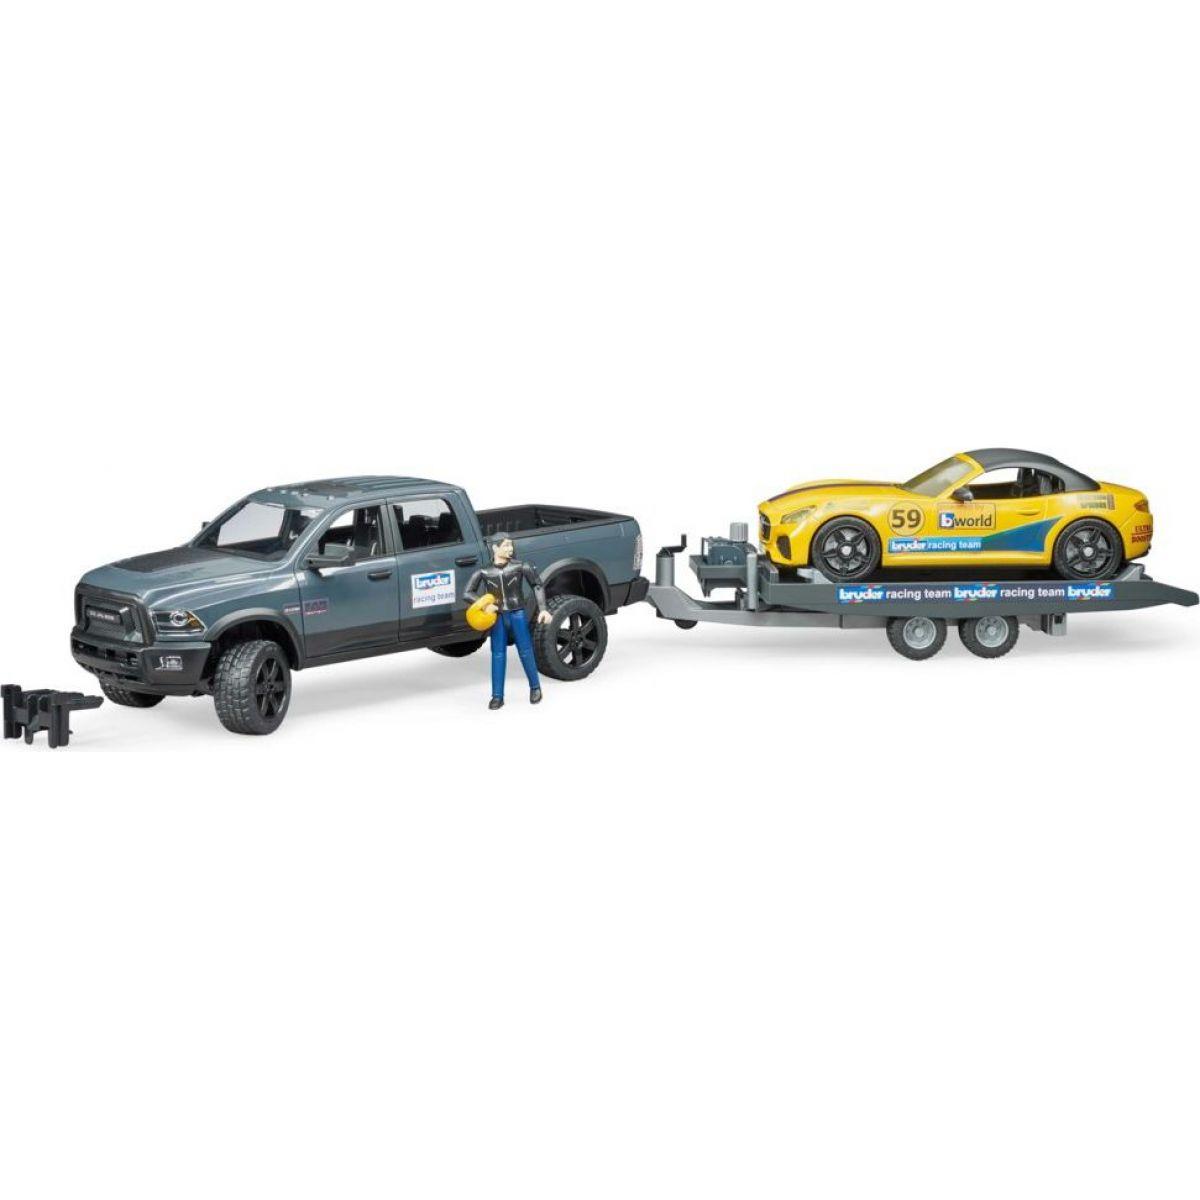 Bruder 02504 RAM Roadster Racing Team